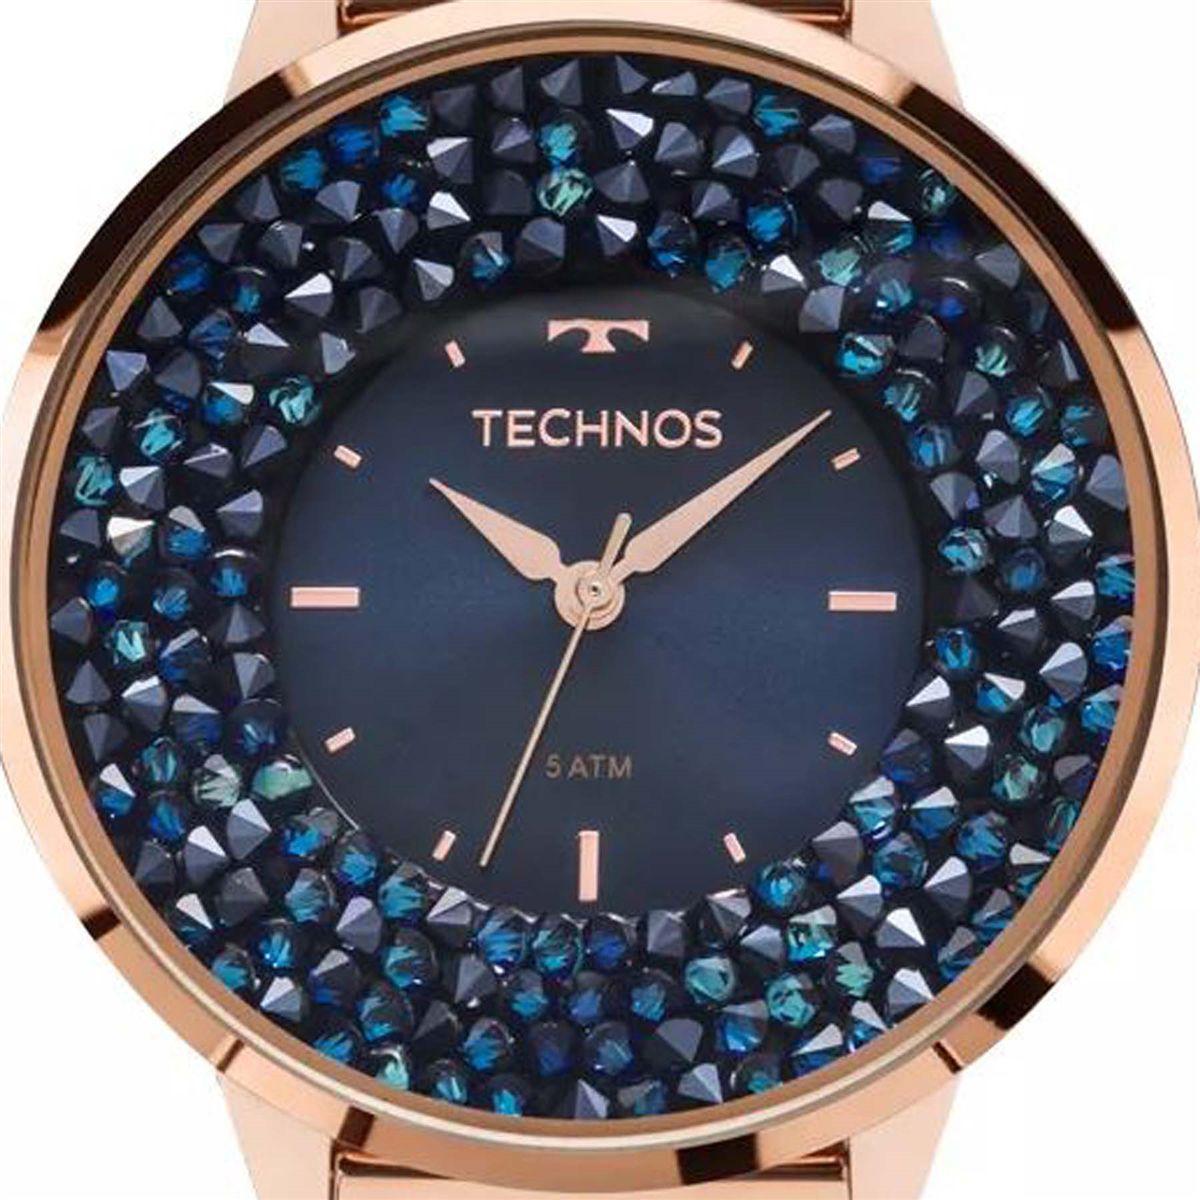 Relógio Technos Swarovski Elegance Analógico Feminino 2035MLE 4A R  589,00  à vista. Adicionar à sacola d1528c8720